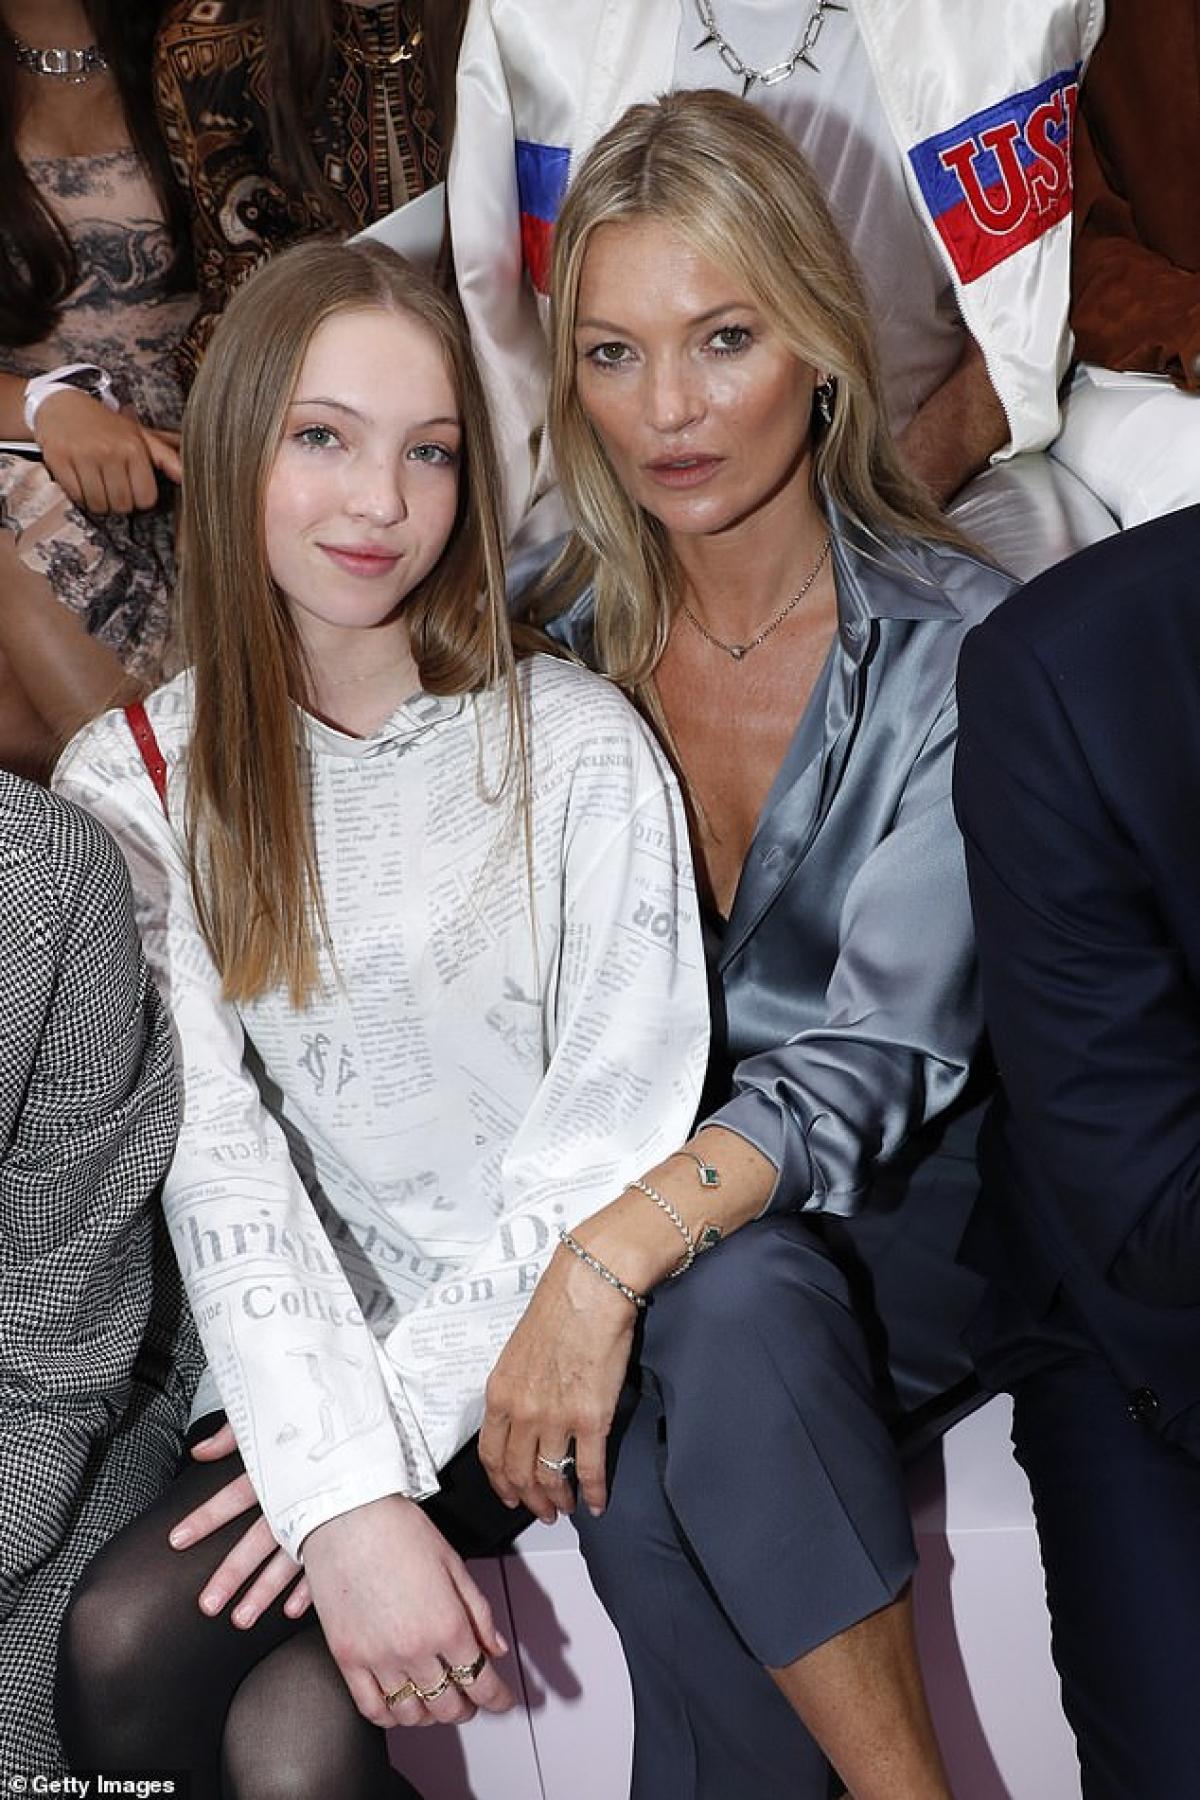 Từ khi Lily chính thức bước chân vào showbiz, Kate có thể tự hào đưa cô con gái xinh đẹp đi cùng khắp nơi./.